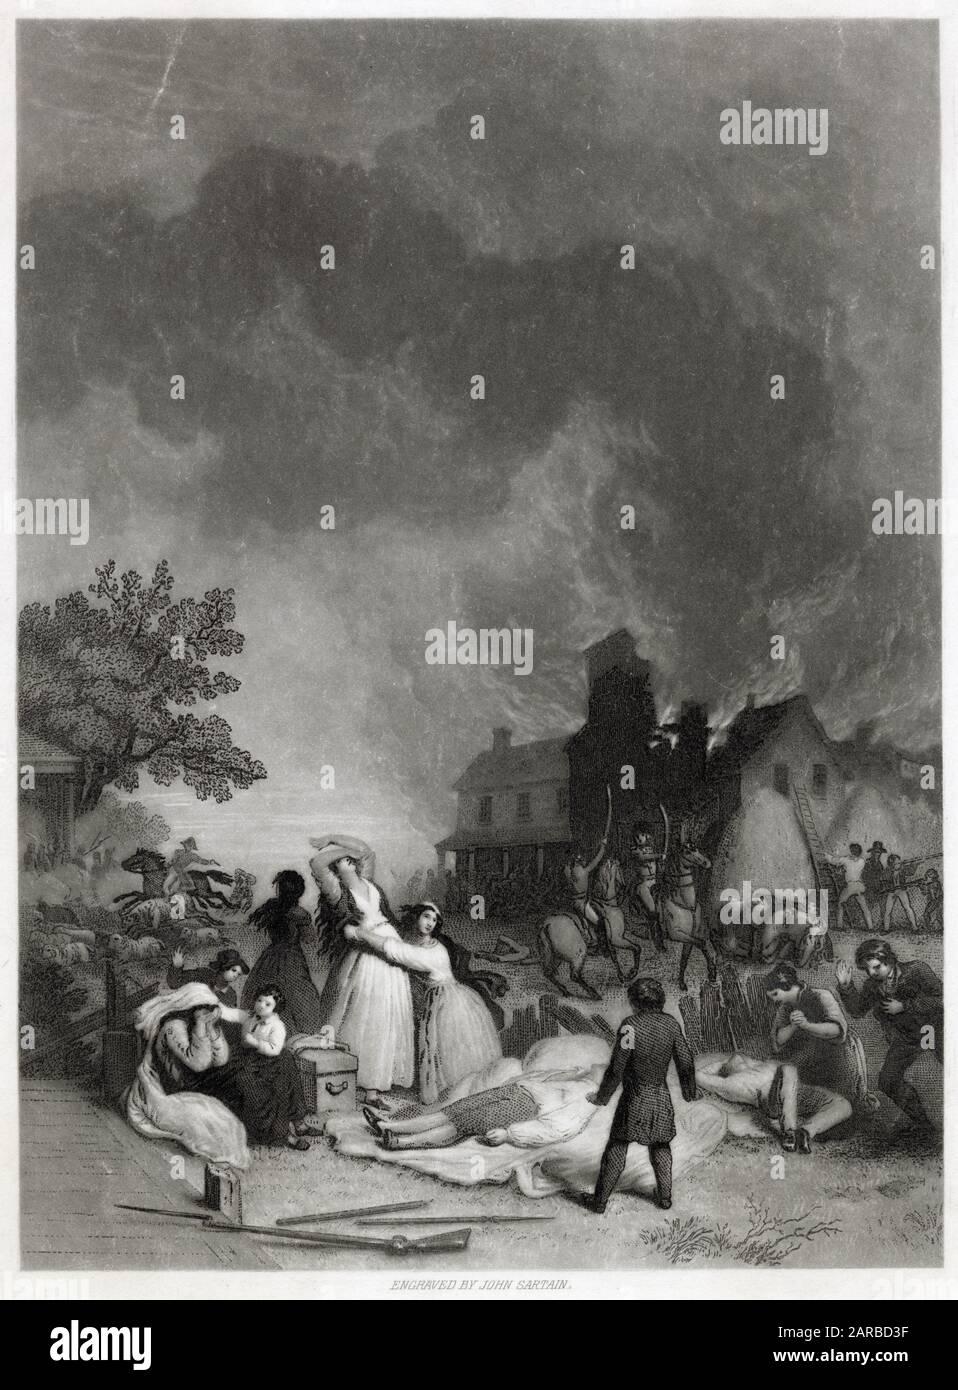 Andrew Jackson como niño en la Masacre de Waxhaw cerca de Lancaster, Carolina del Sur Fecha: 1780 Foto de stock